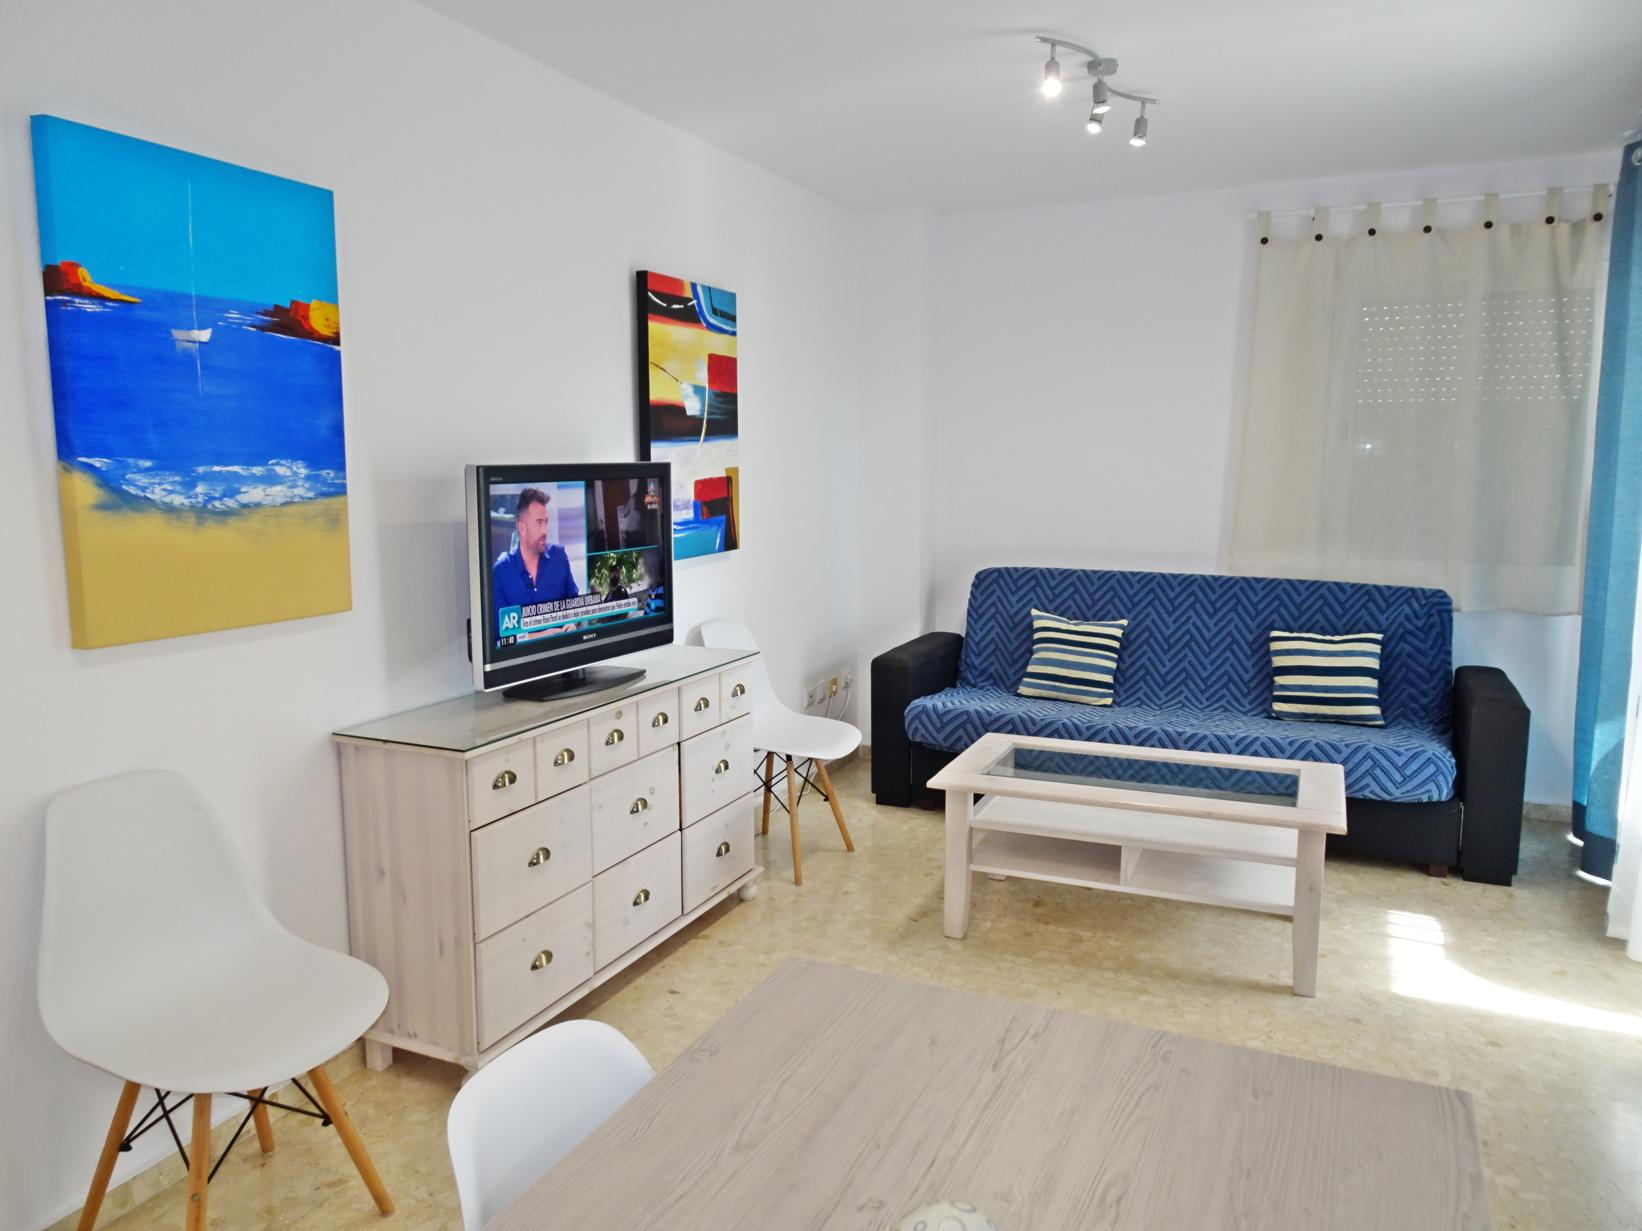 Appartement -                                       Gandia -                                       2 Schlafzimmer -                                       5 Personen